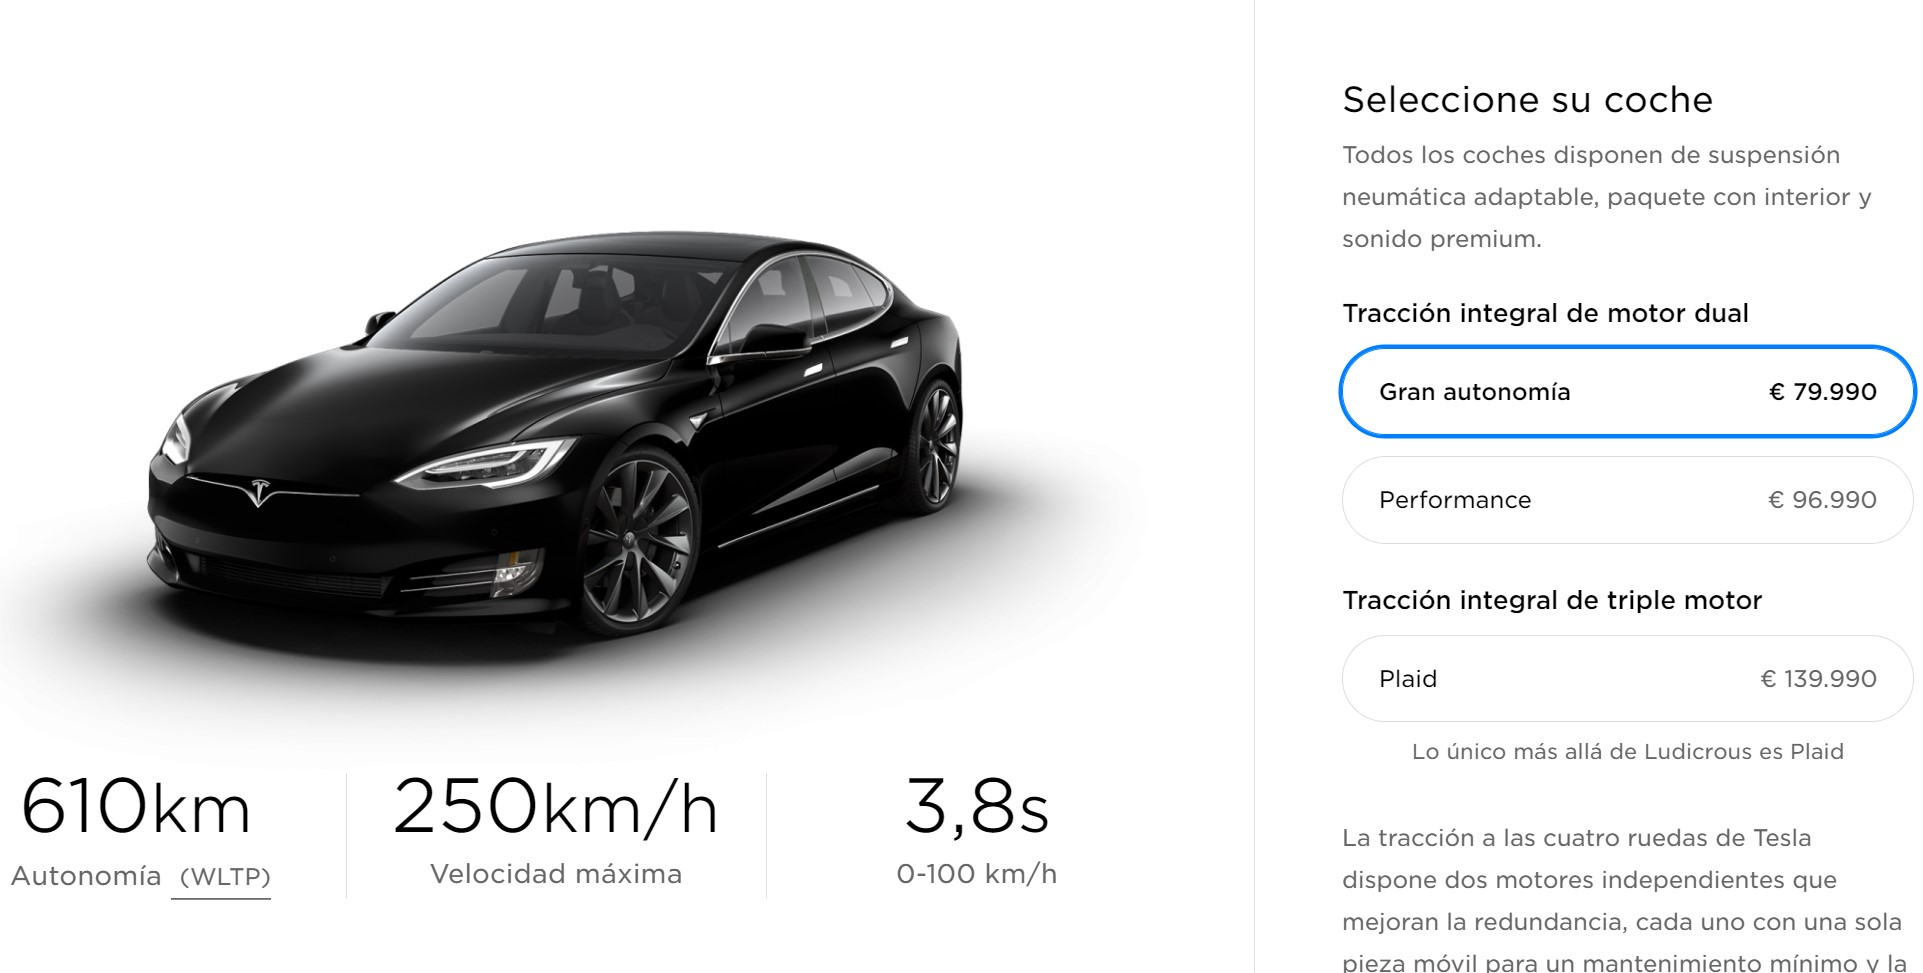 Tesla Model S Gran Autonomia Octubre 2020